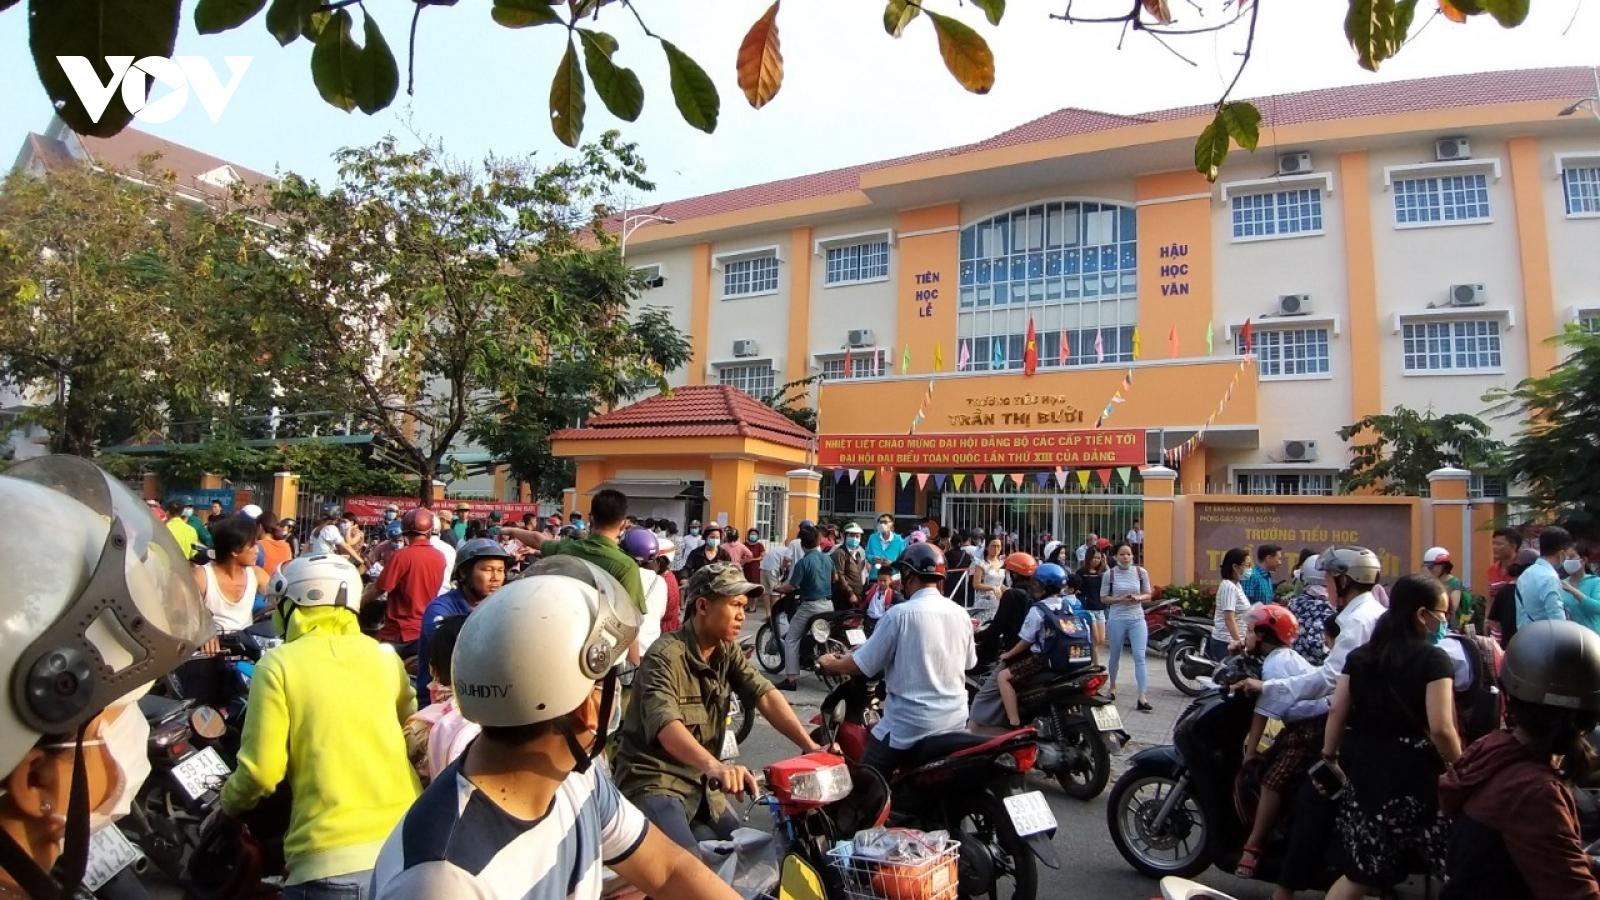 Sở GD-ĐT yêu cầu giải quyết dứt điểm vụ bữa ăn ở Trường Tiểu học Trần Thị Bưởi